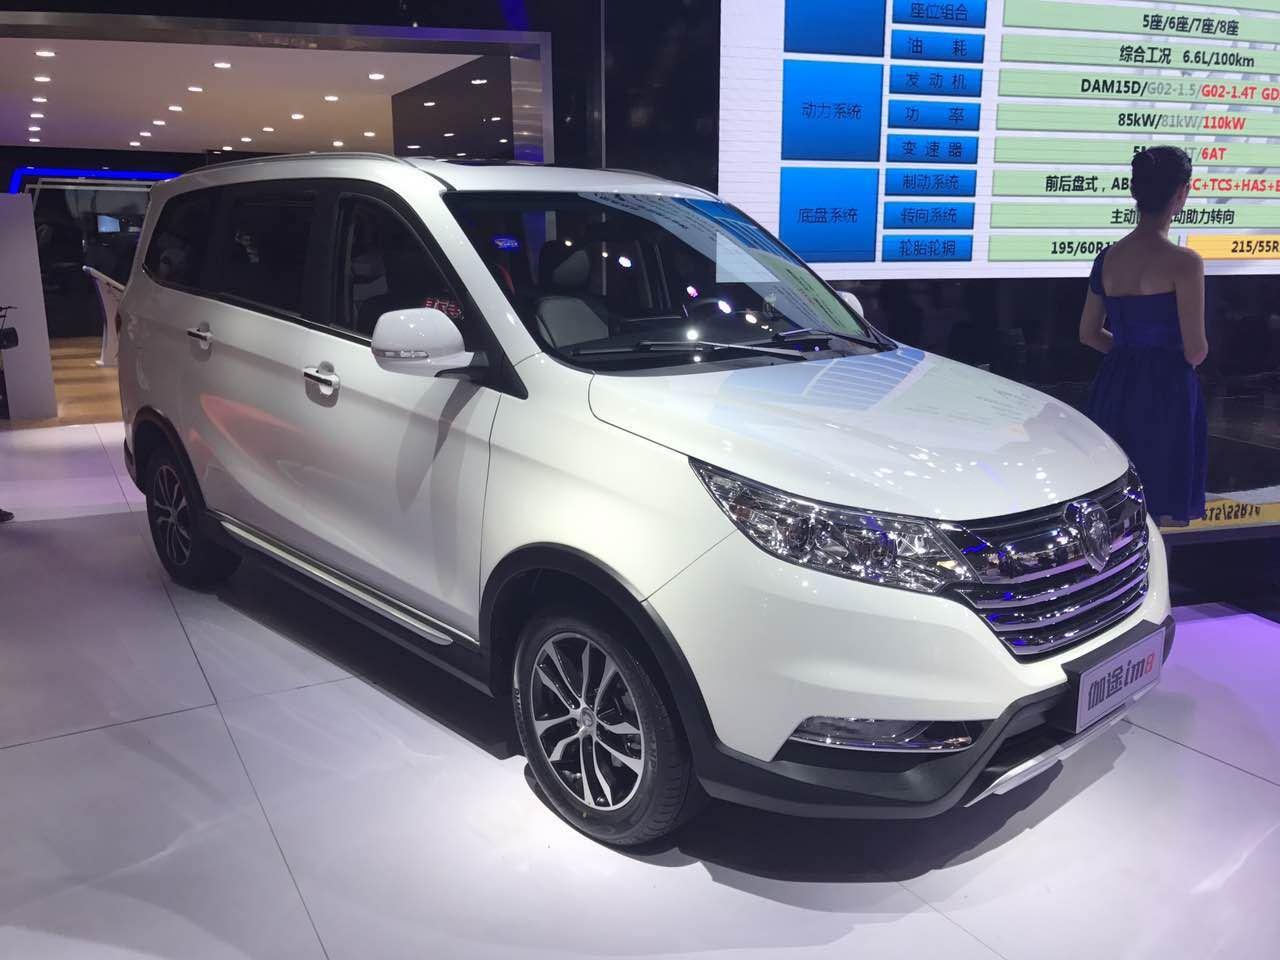 伽图im8 1.4T车型正式发布 将于年内正式上市